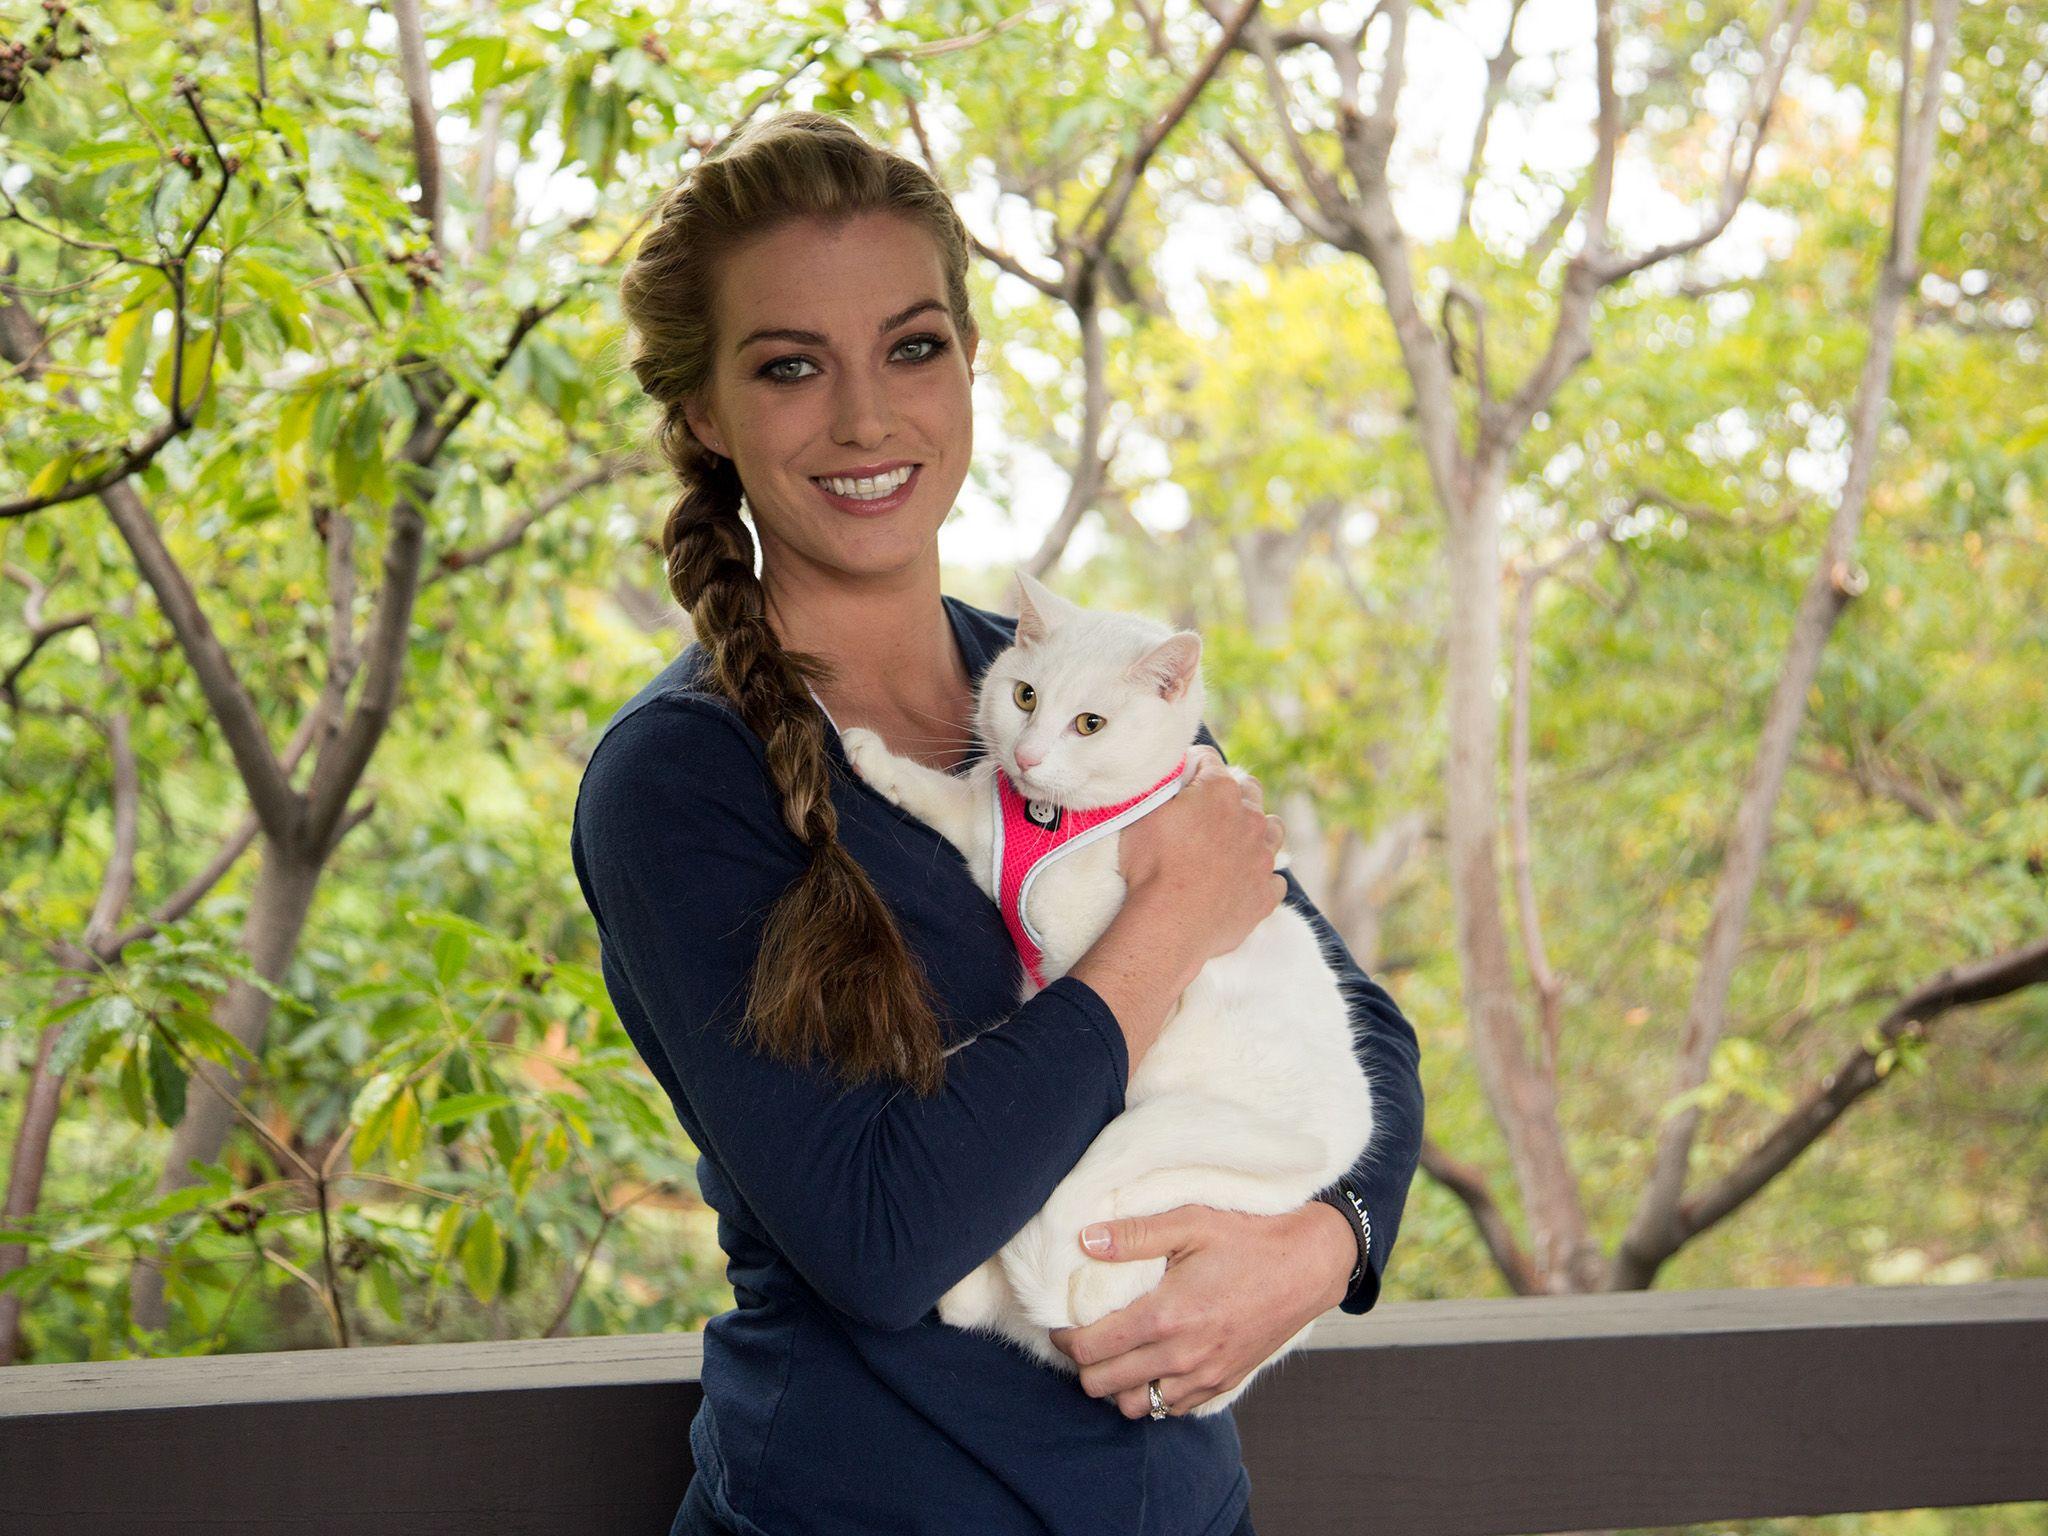 Karissa Hadden è un'assistente veterinaria originaria del Canada che ha fondato... [Foto del giorno - giugno 2016]